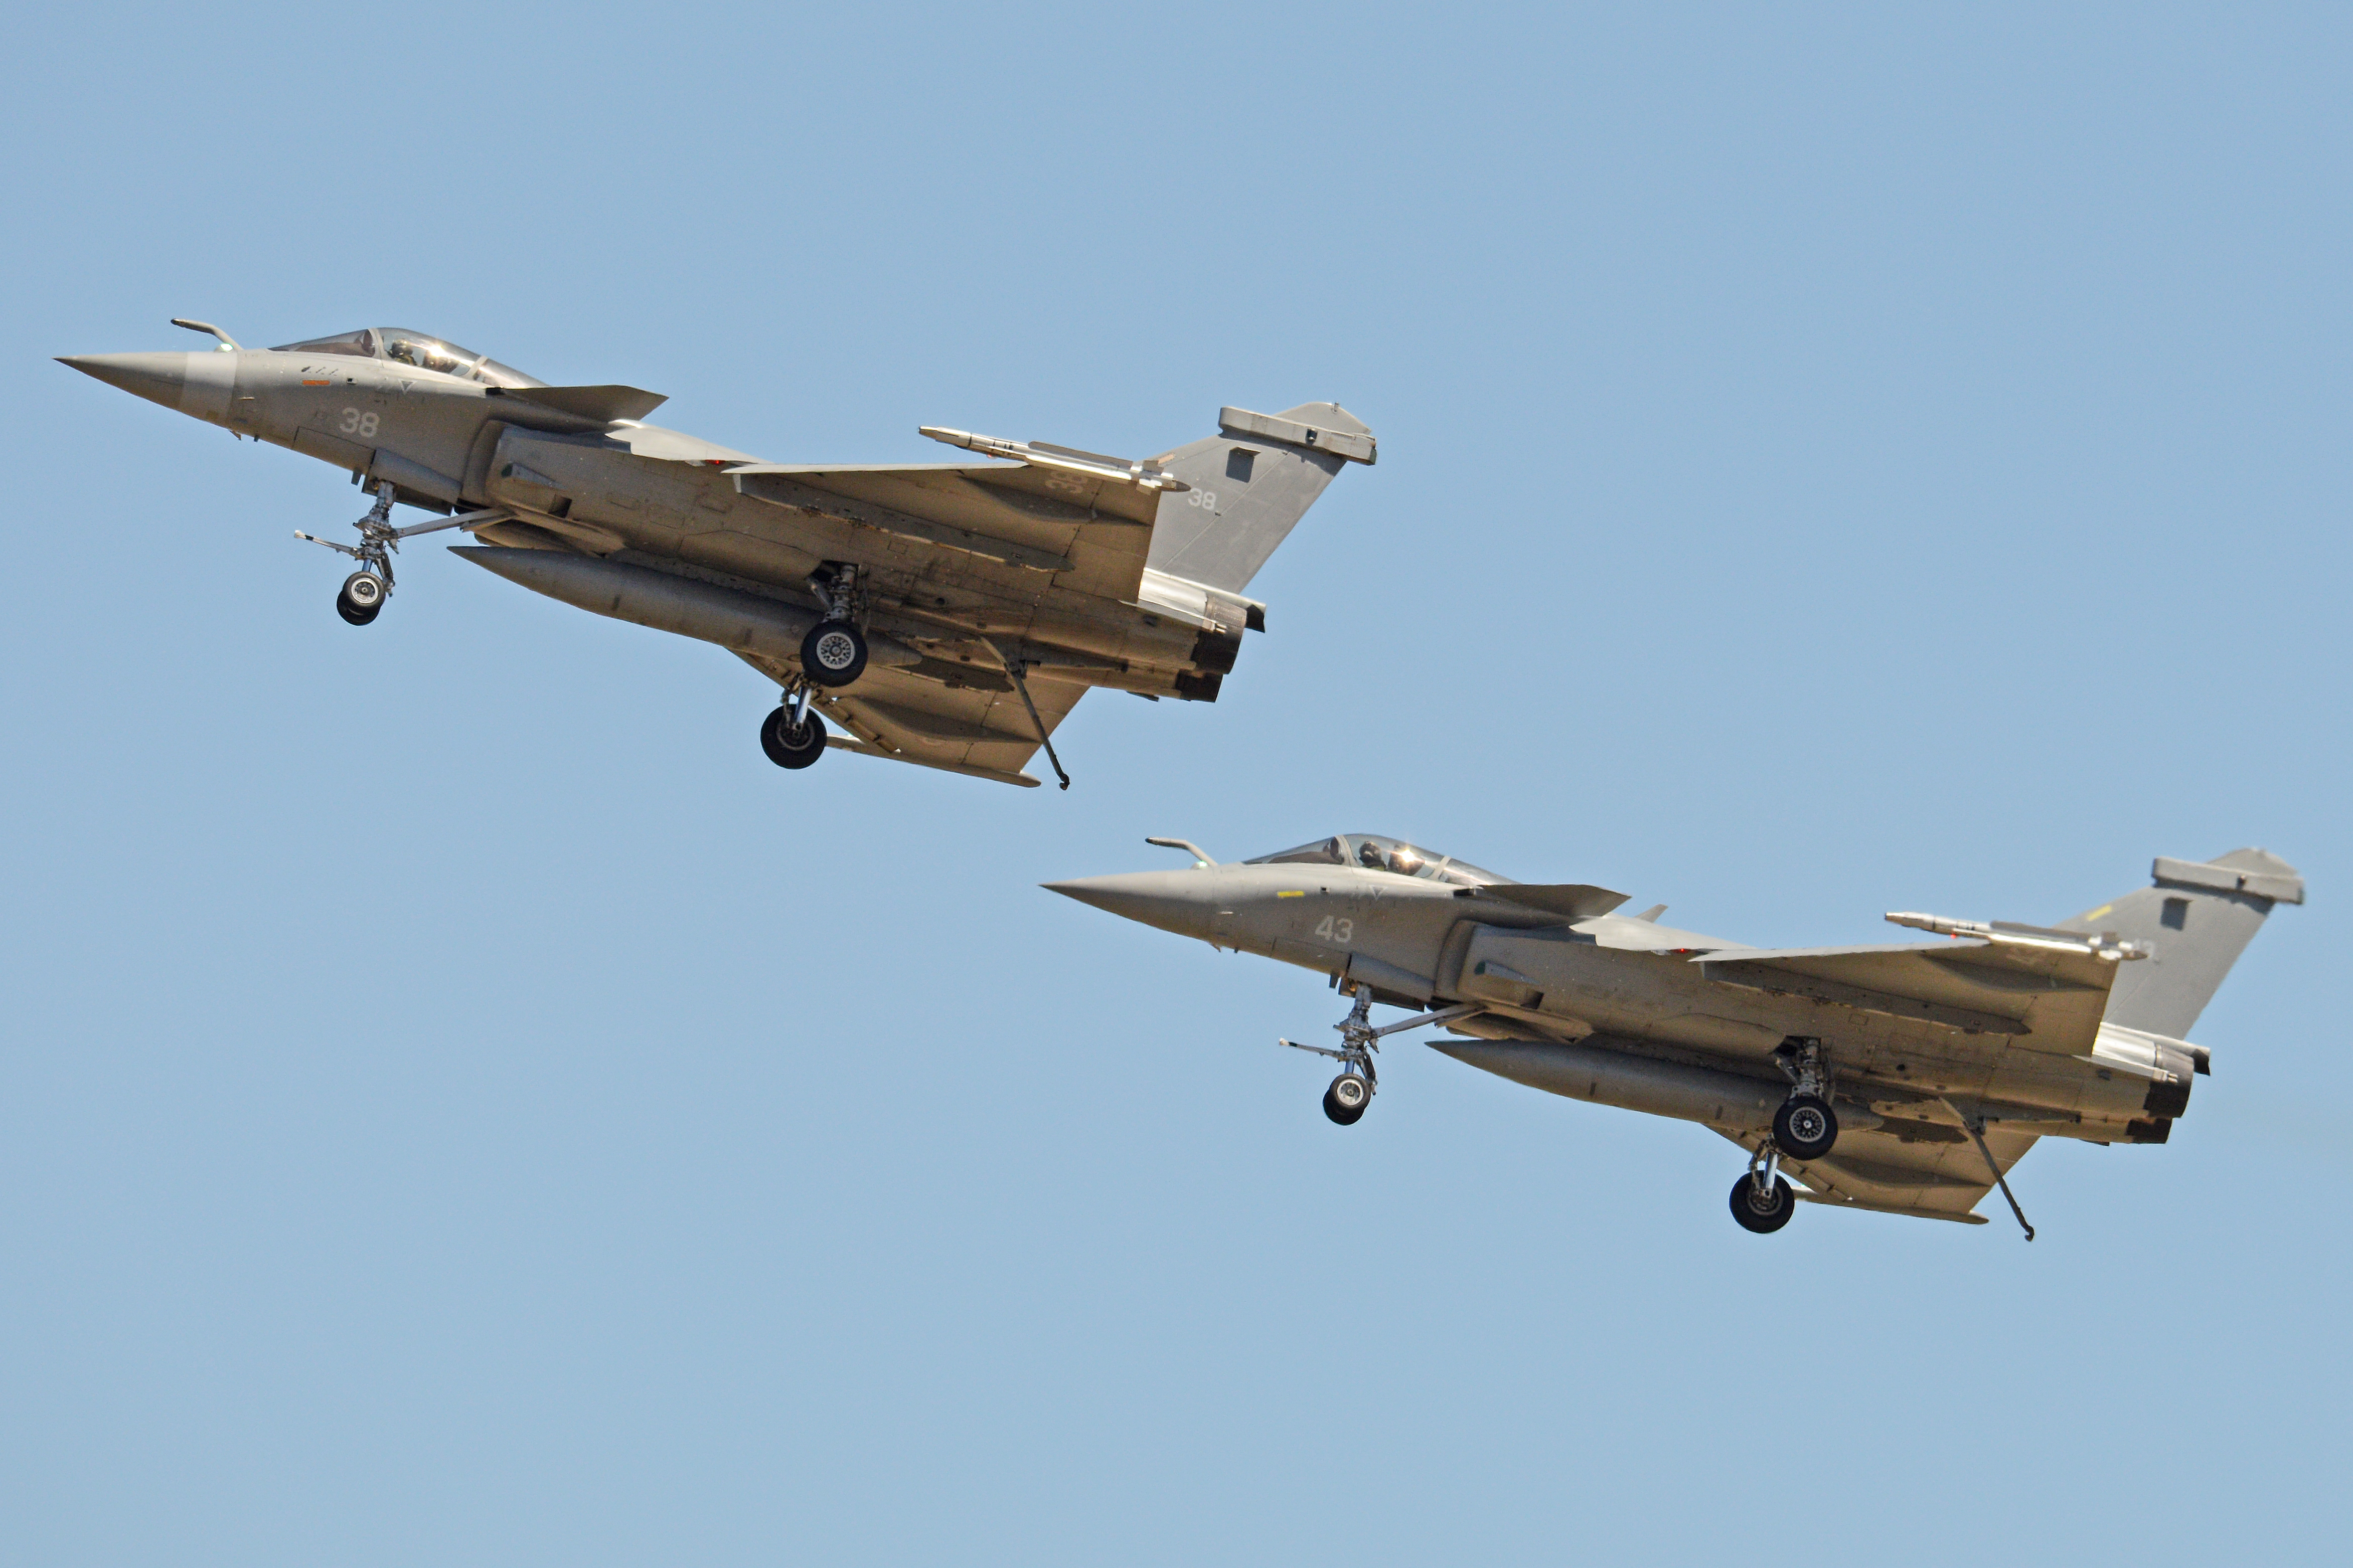 File:Dassault Rafales '38' & '43' (31478602756).jpg - Wikimedia Commons